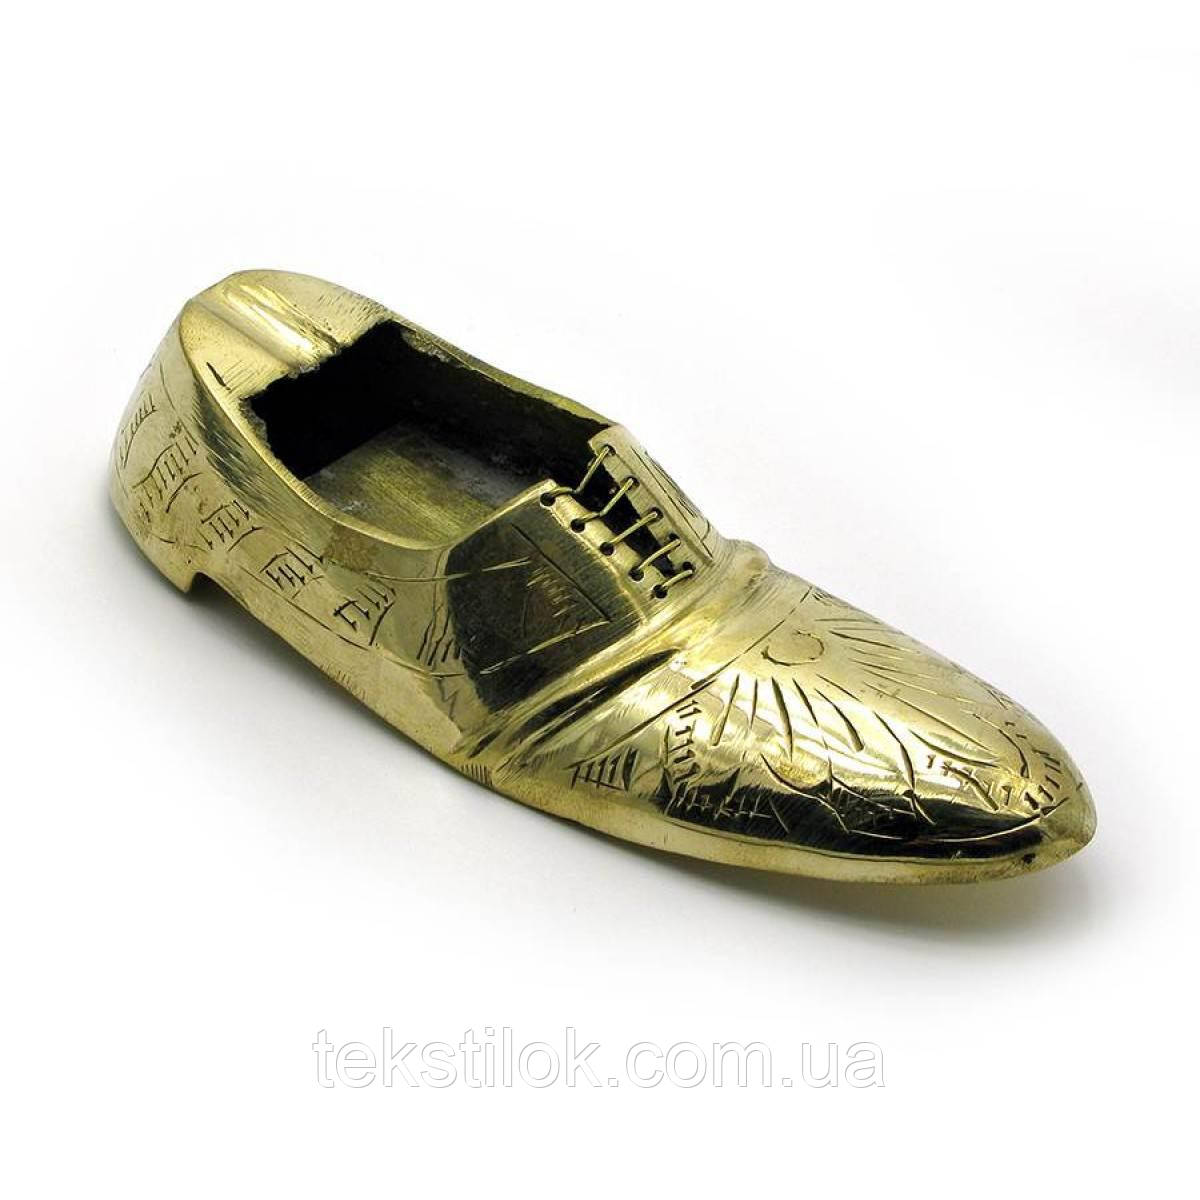 Пепельница туфля бронзовая 11 см